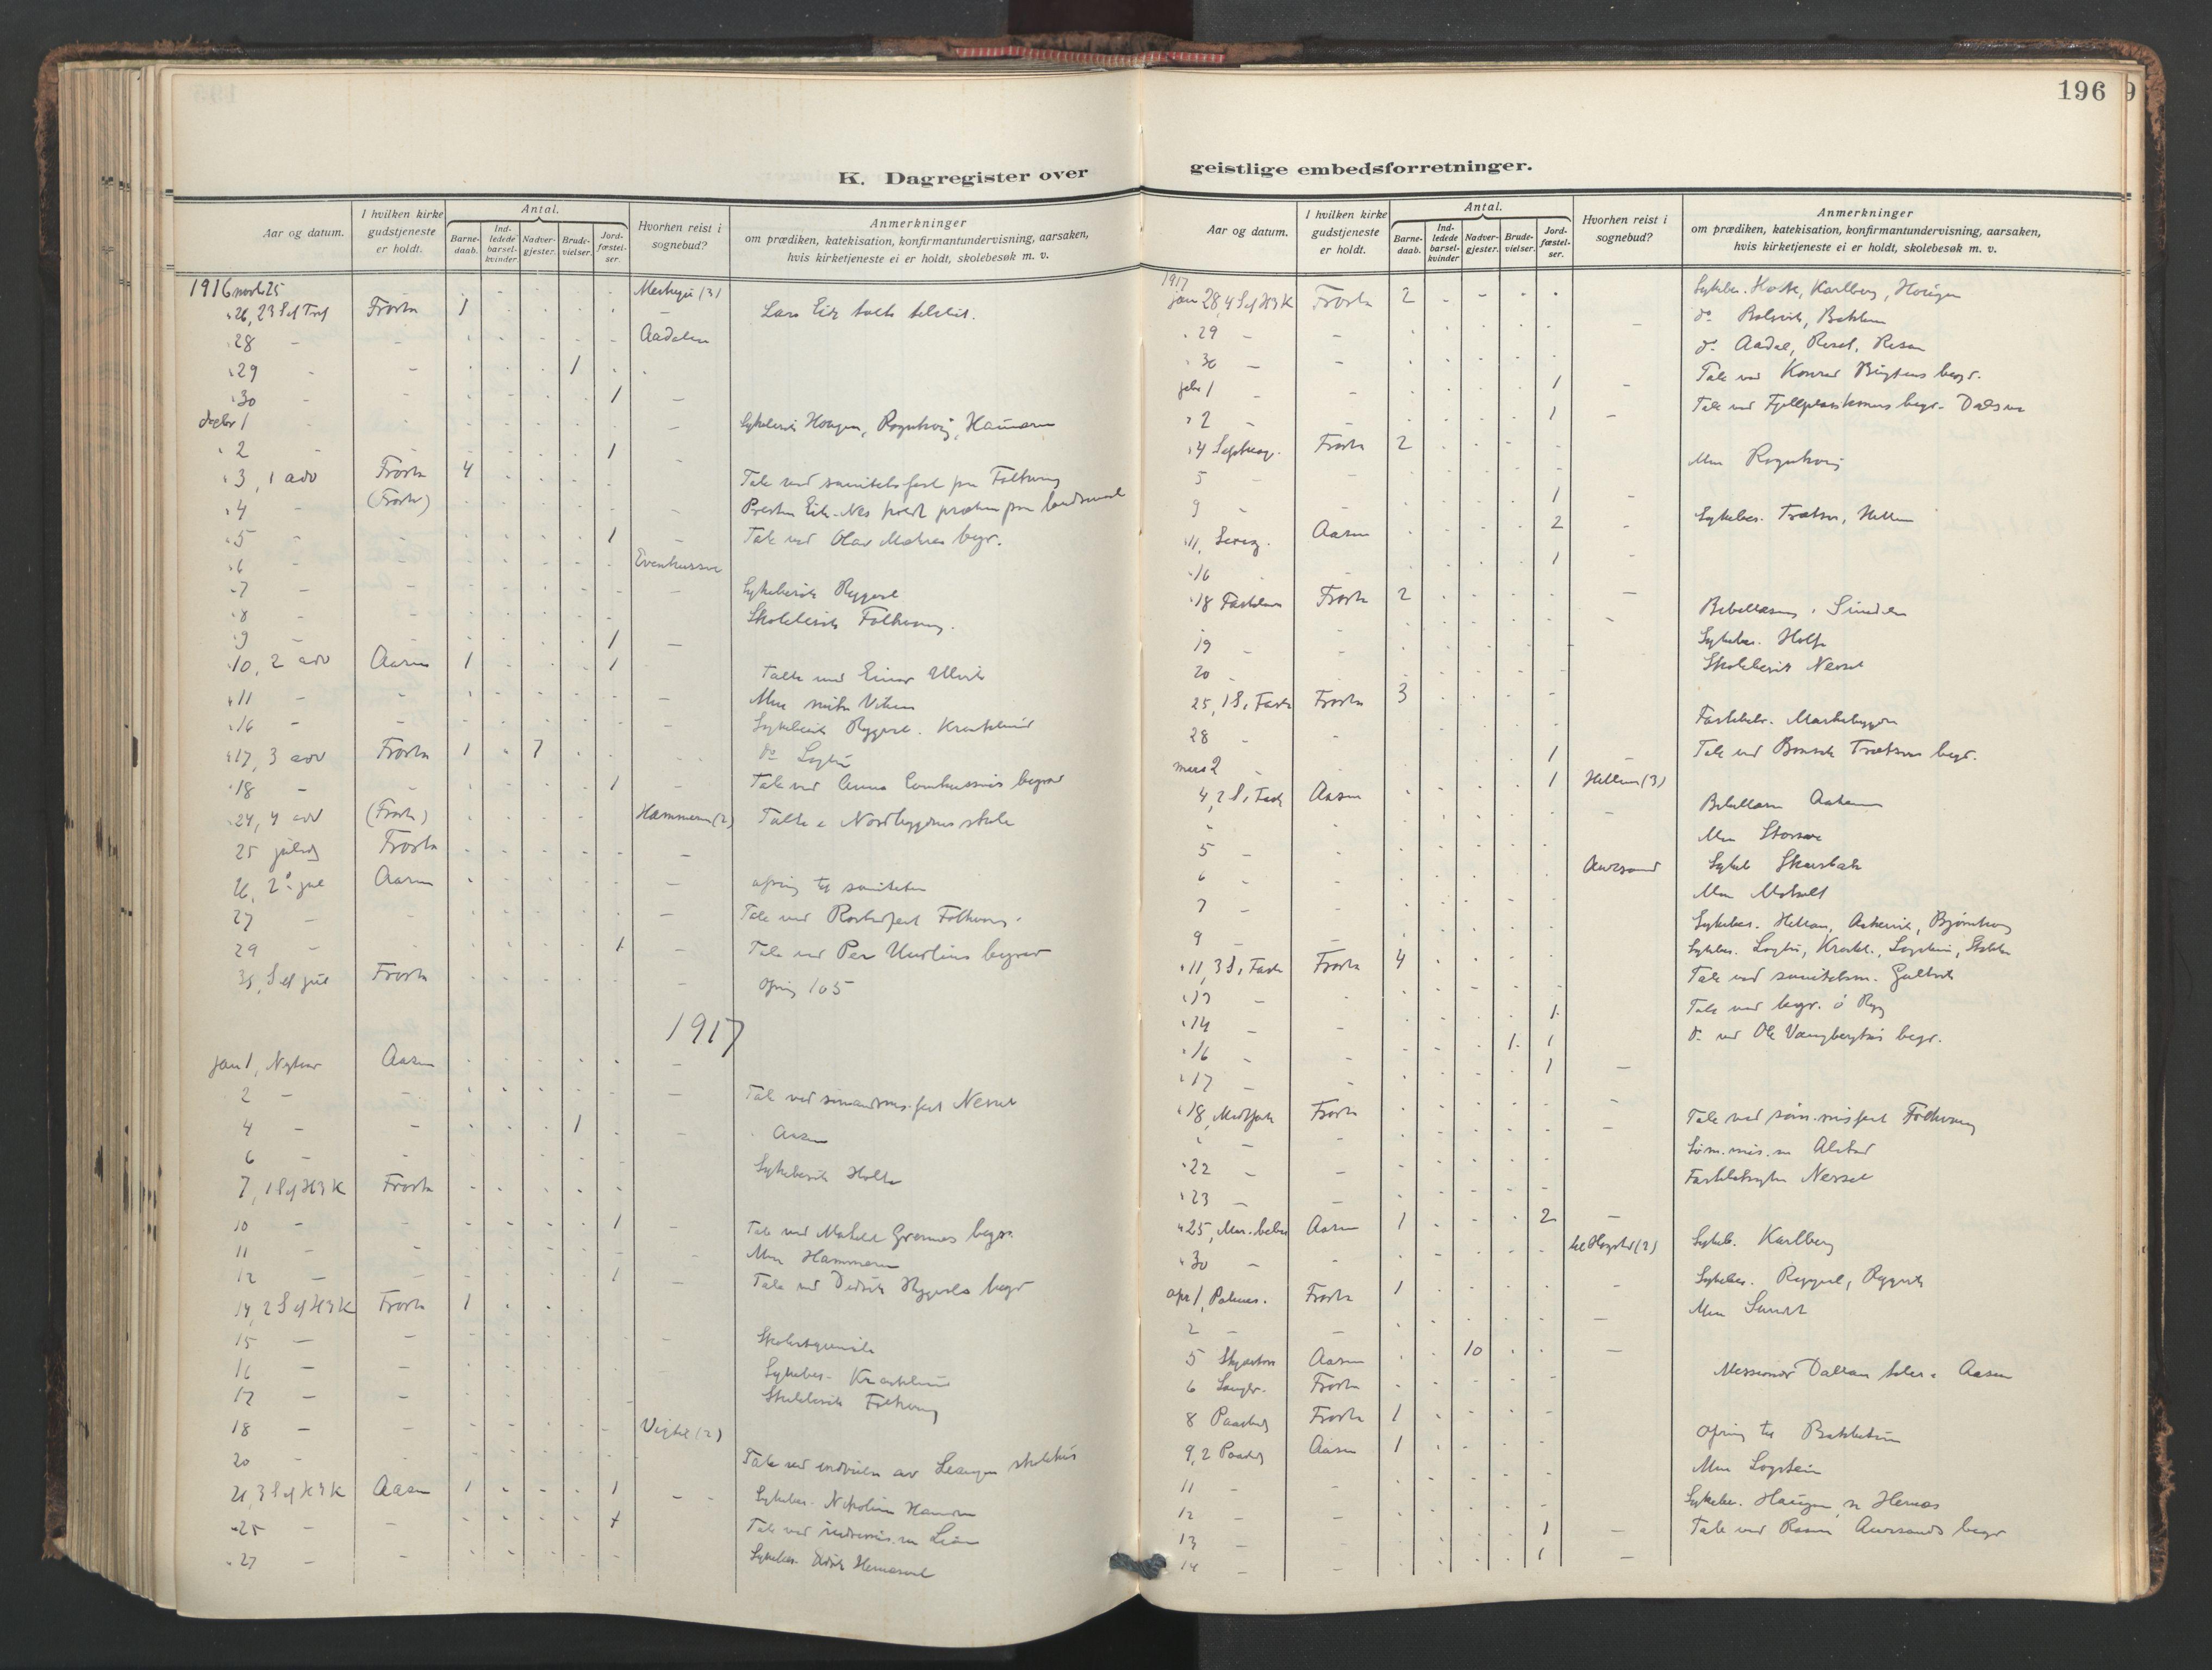 SAT, Ministerialprotokoller, klokkerbøker og fødselsregistre - Nord-Trøndelag, 713/L0123: Ministerialbok nr. 713A12, 1911-1925, s. 196